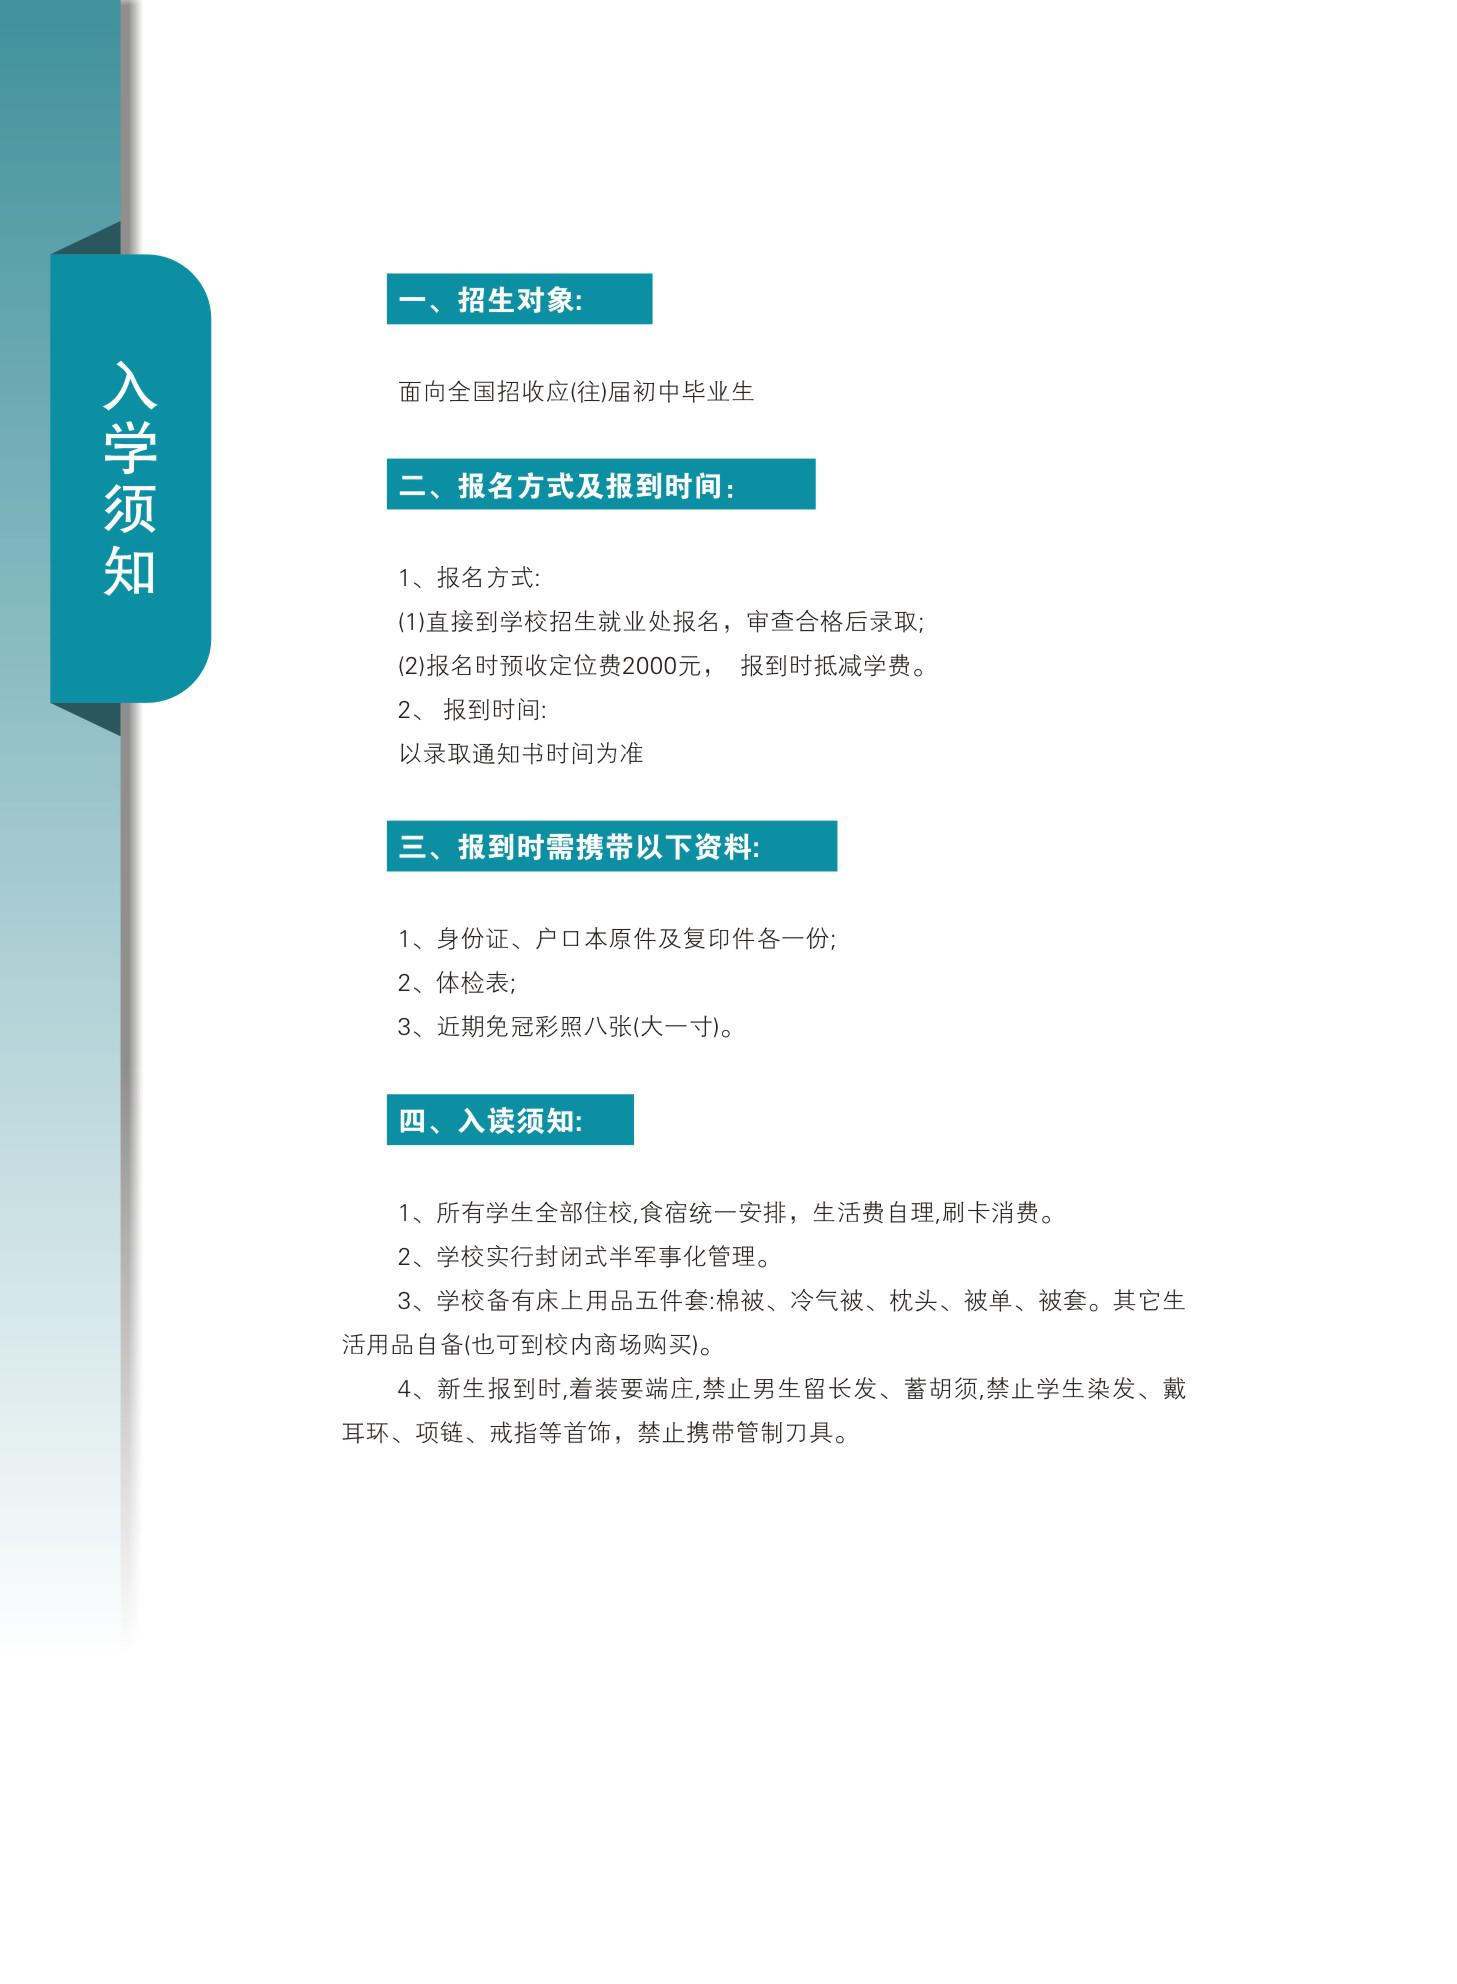 深圳市智理技工学校2019年招生简章入学须知